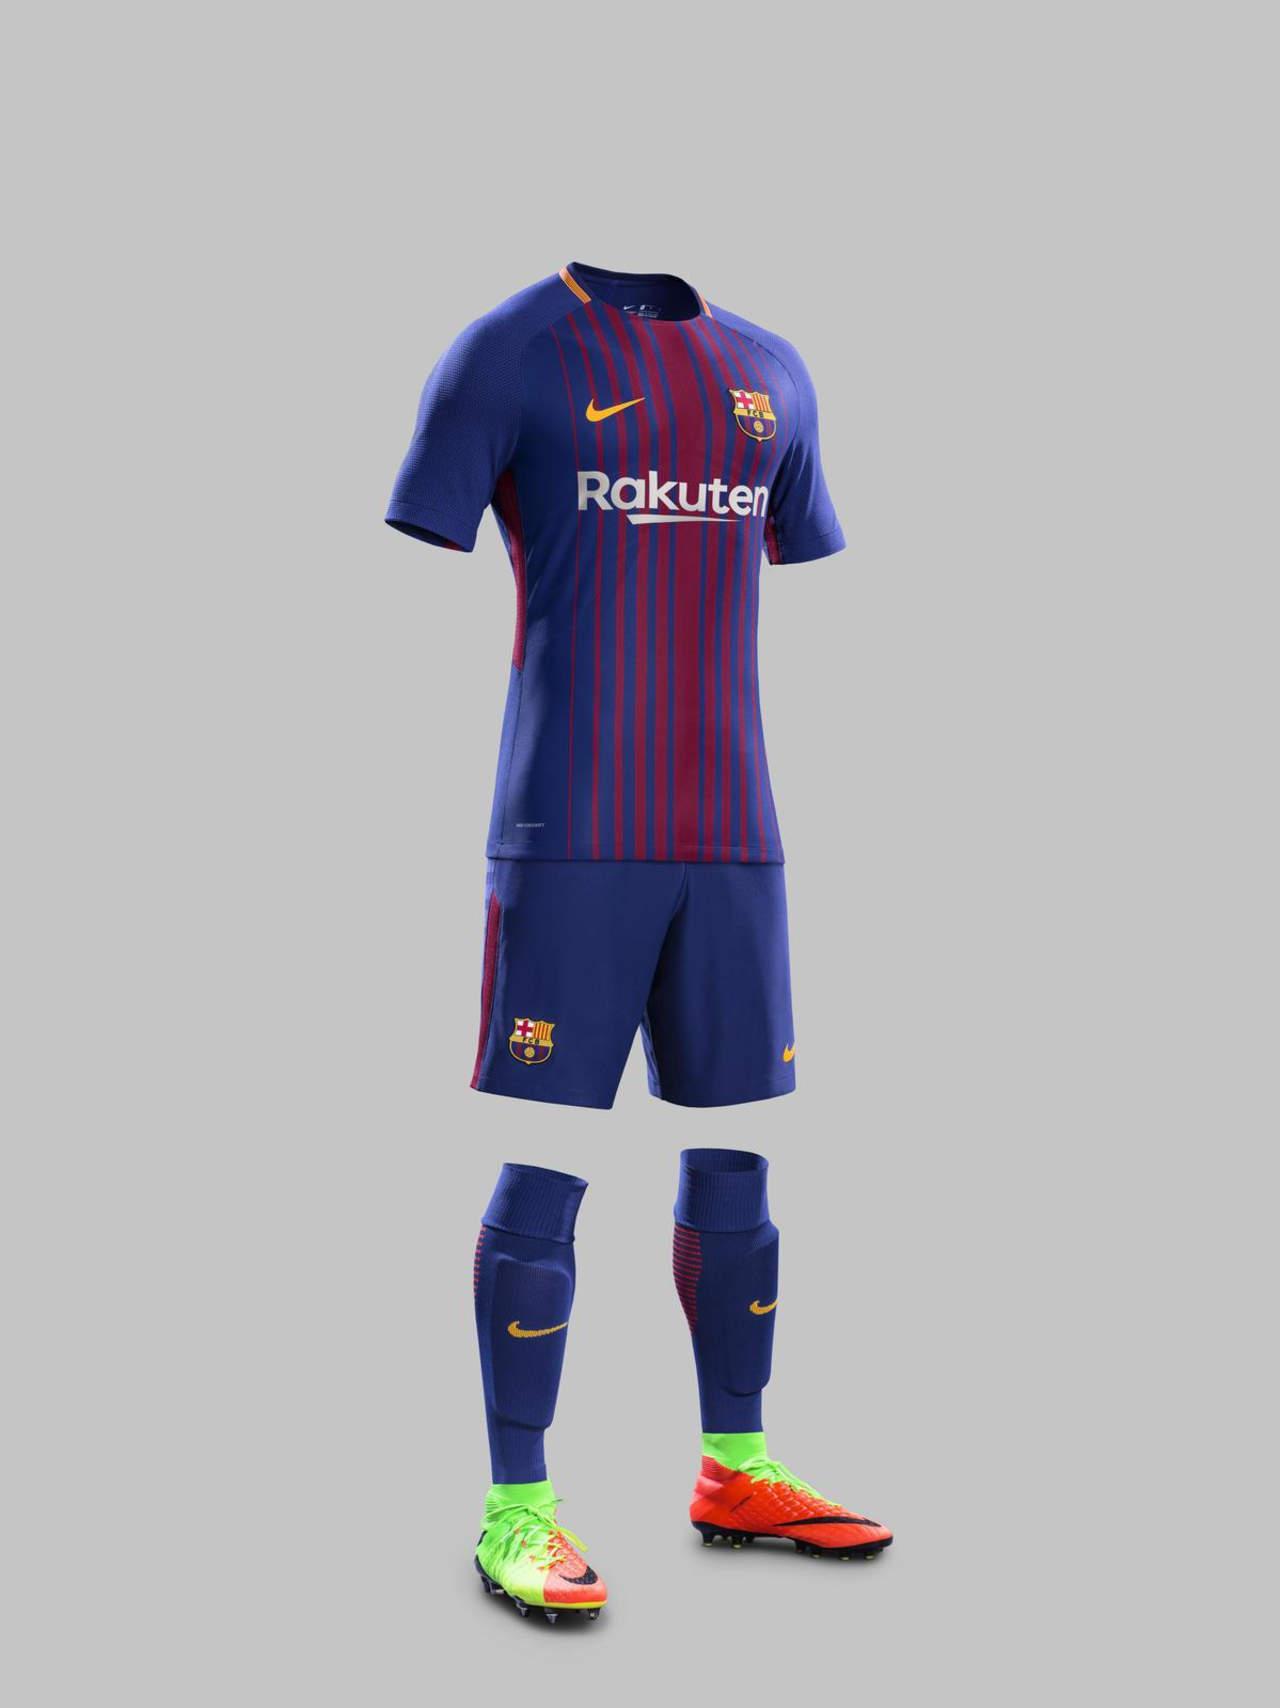 uniforme del Barcelona hombre